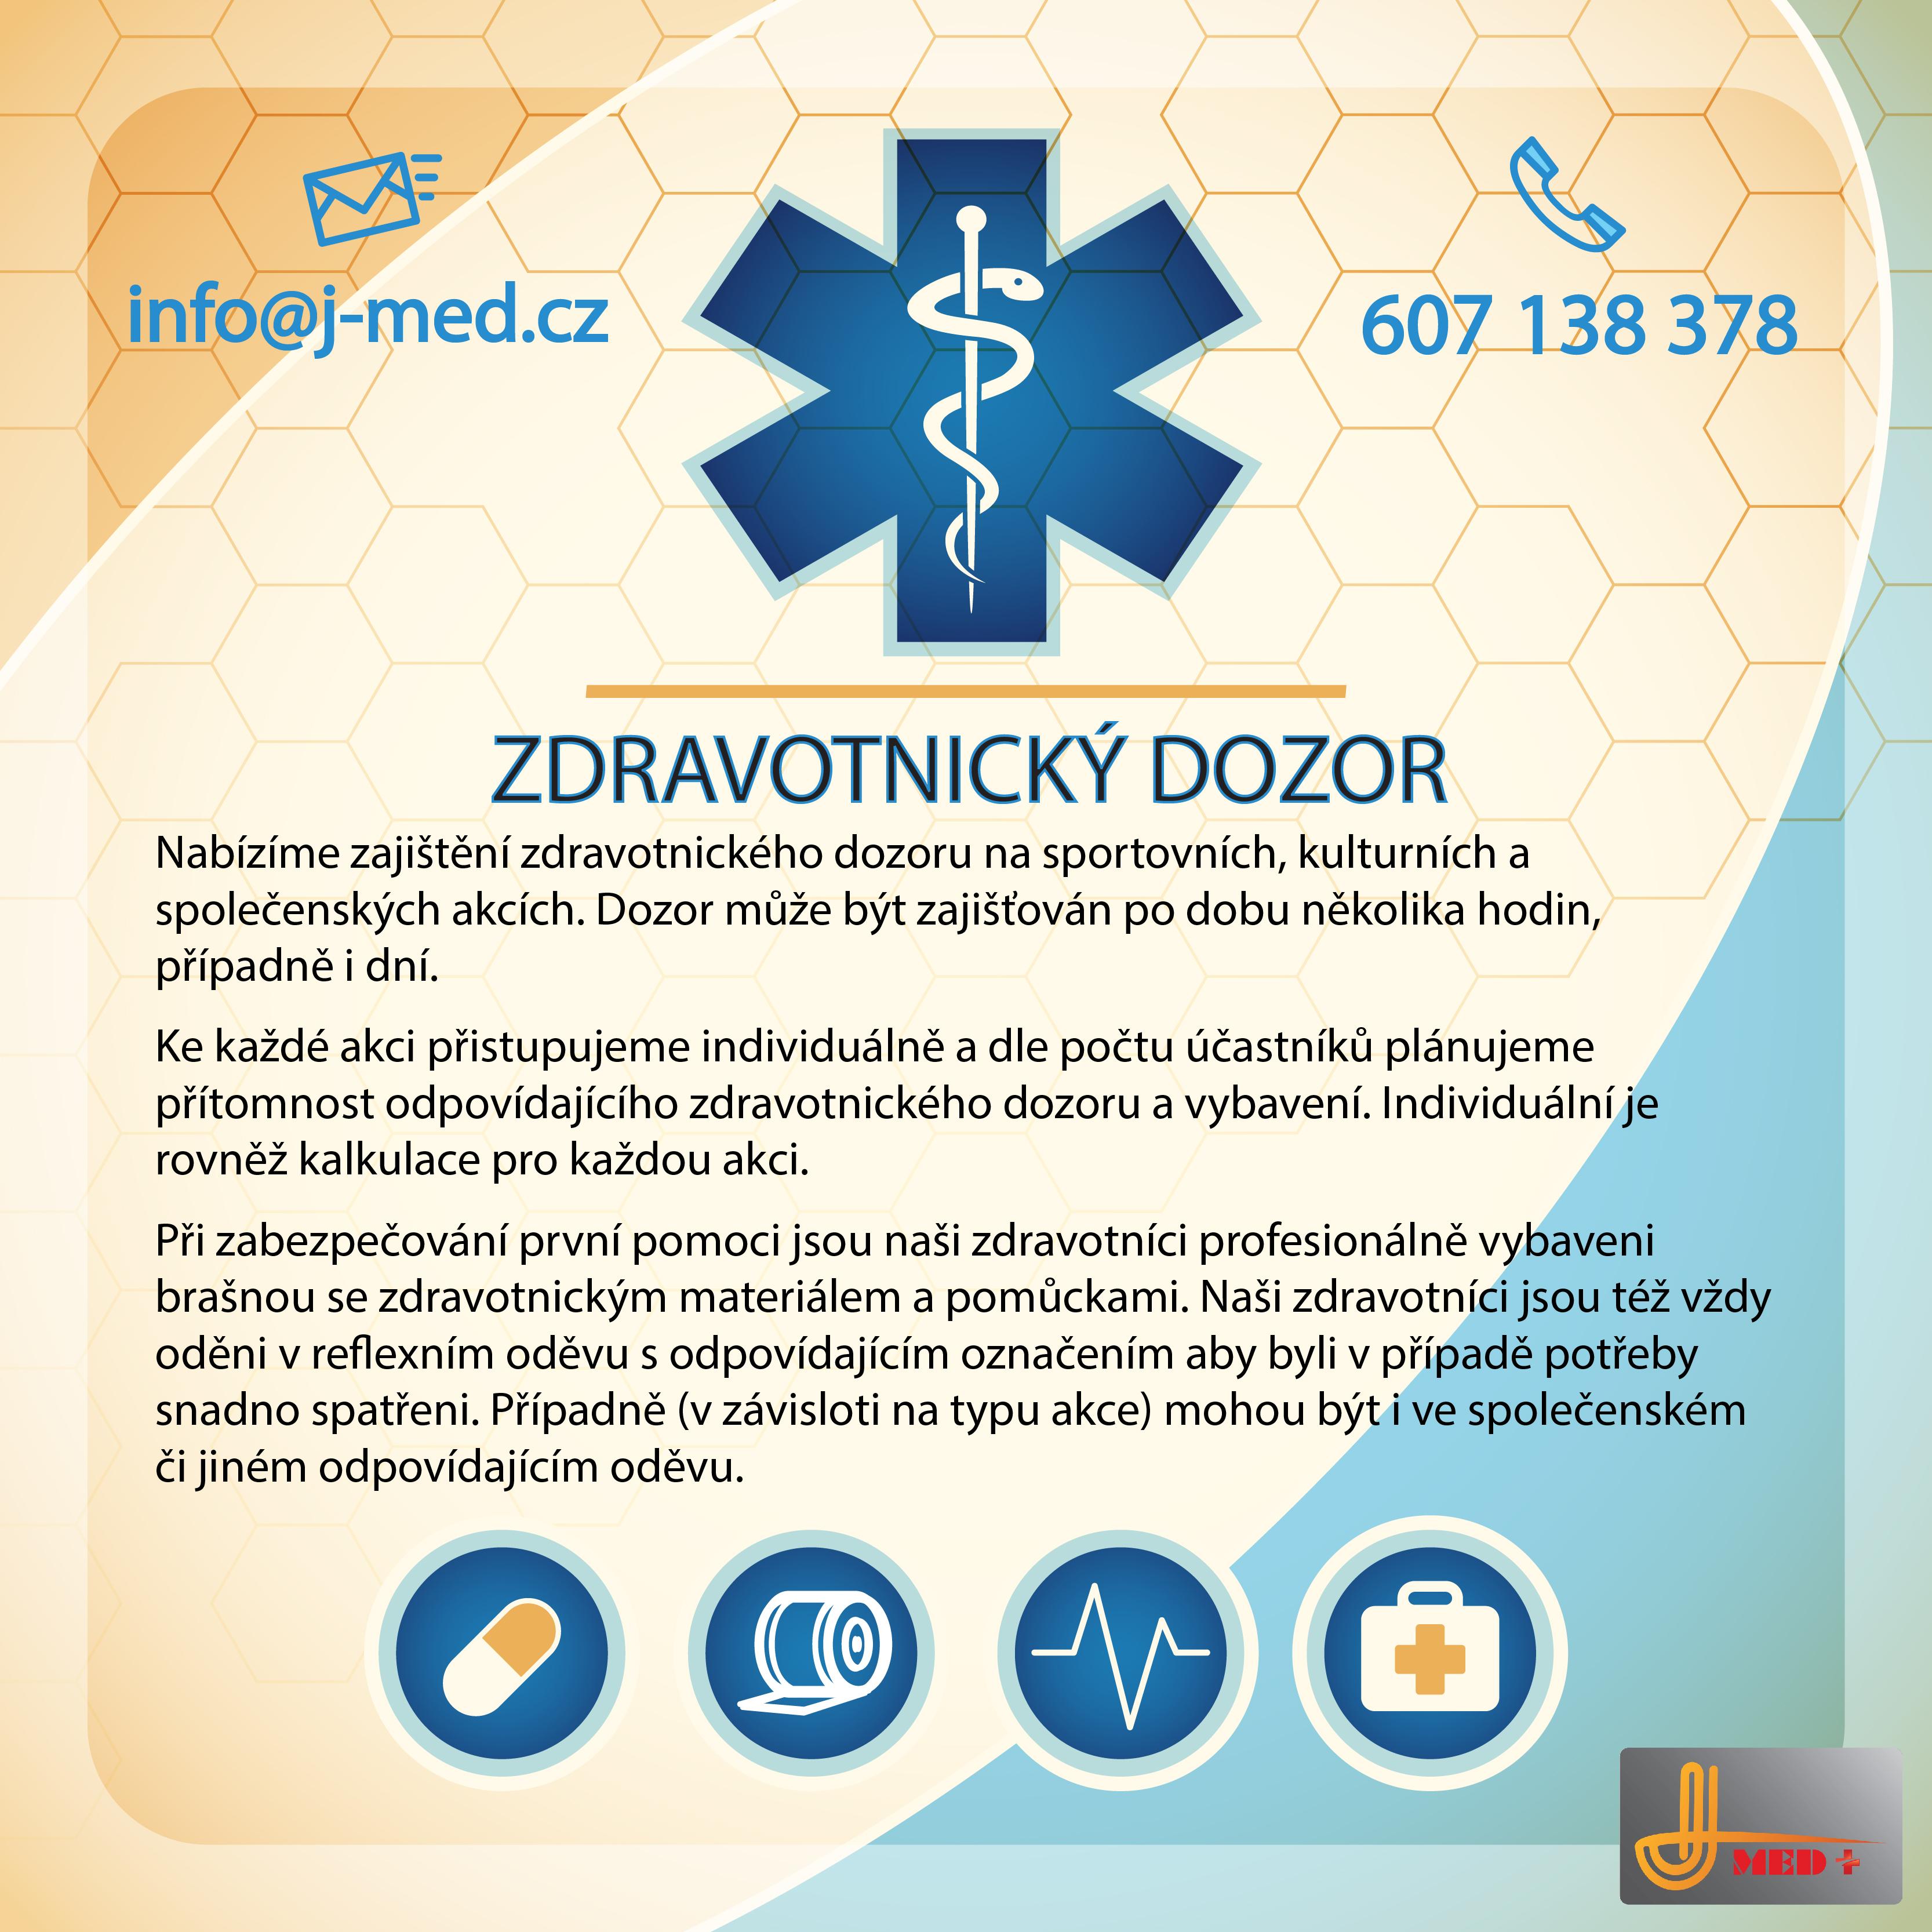 zdravotnický dozor